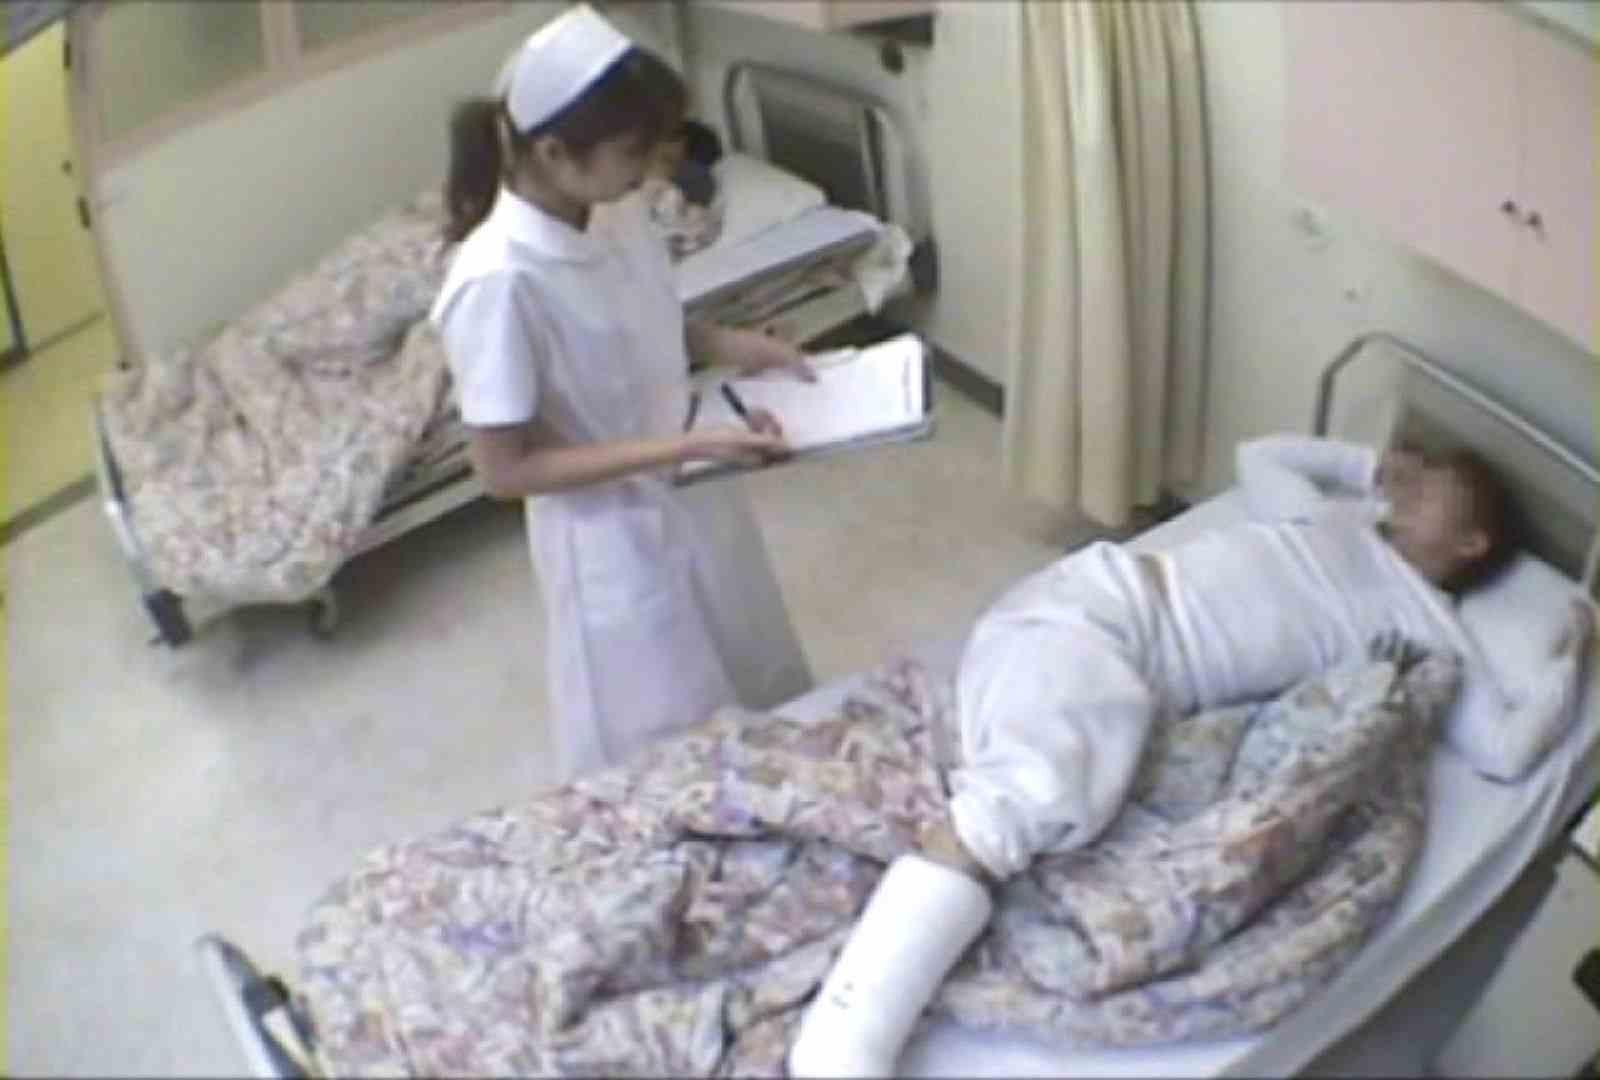 絶対に逝ってはいけない寸止め病棟Vol.8 美女OL | 0  94連発 83